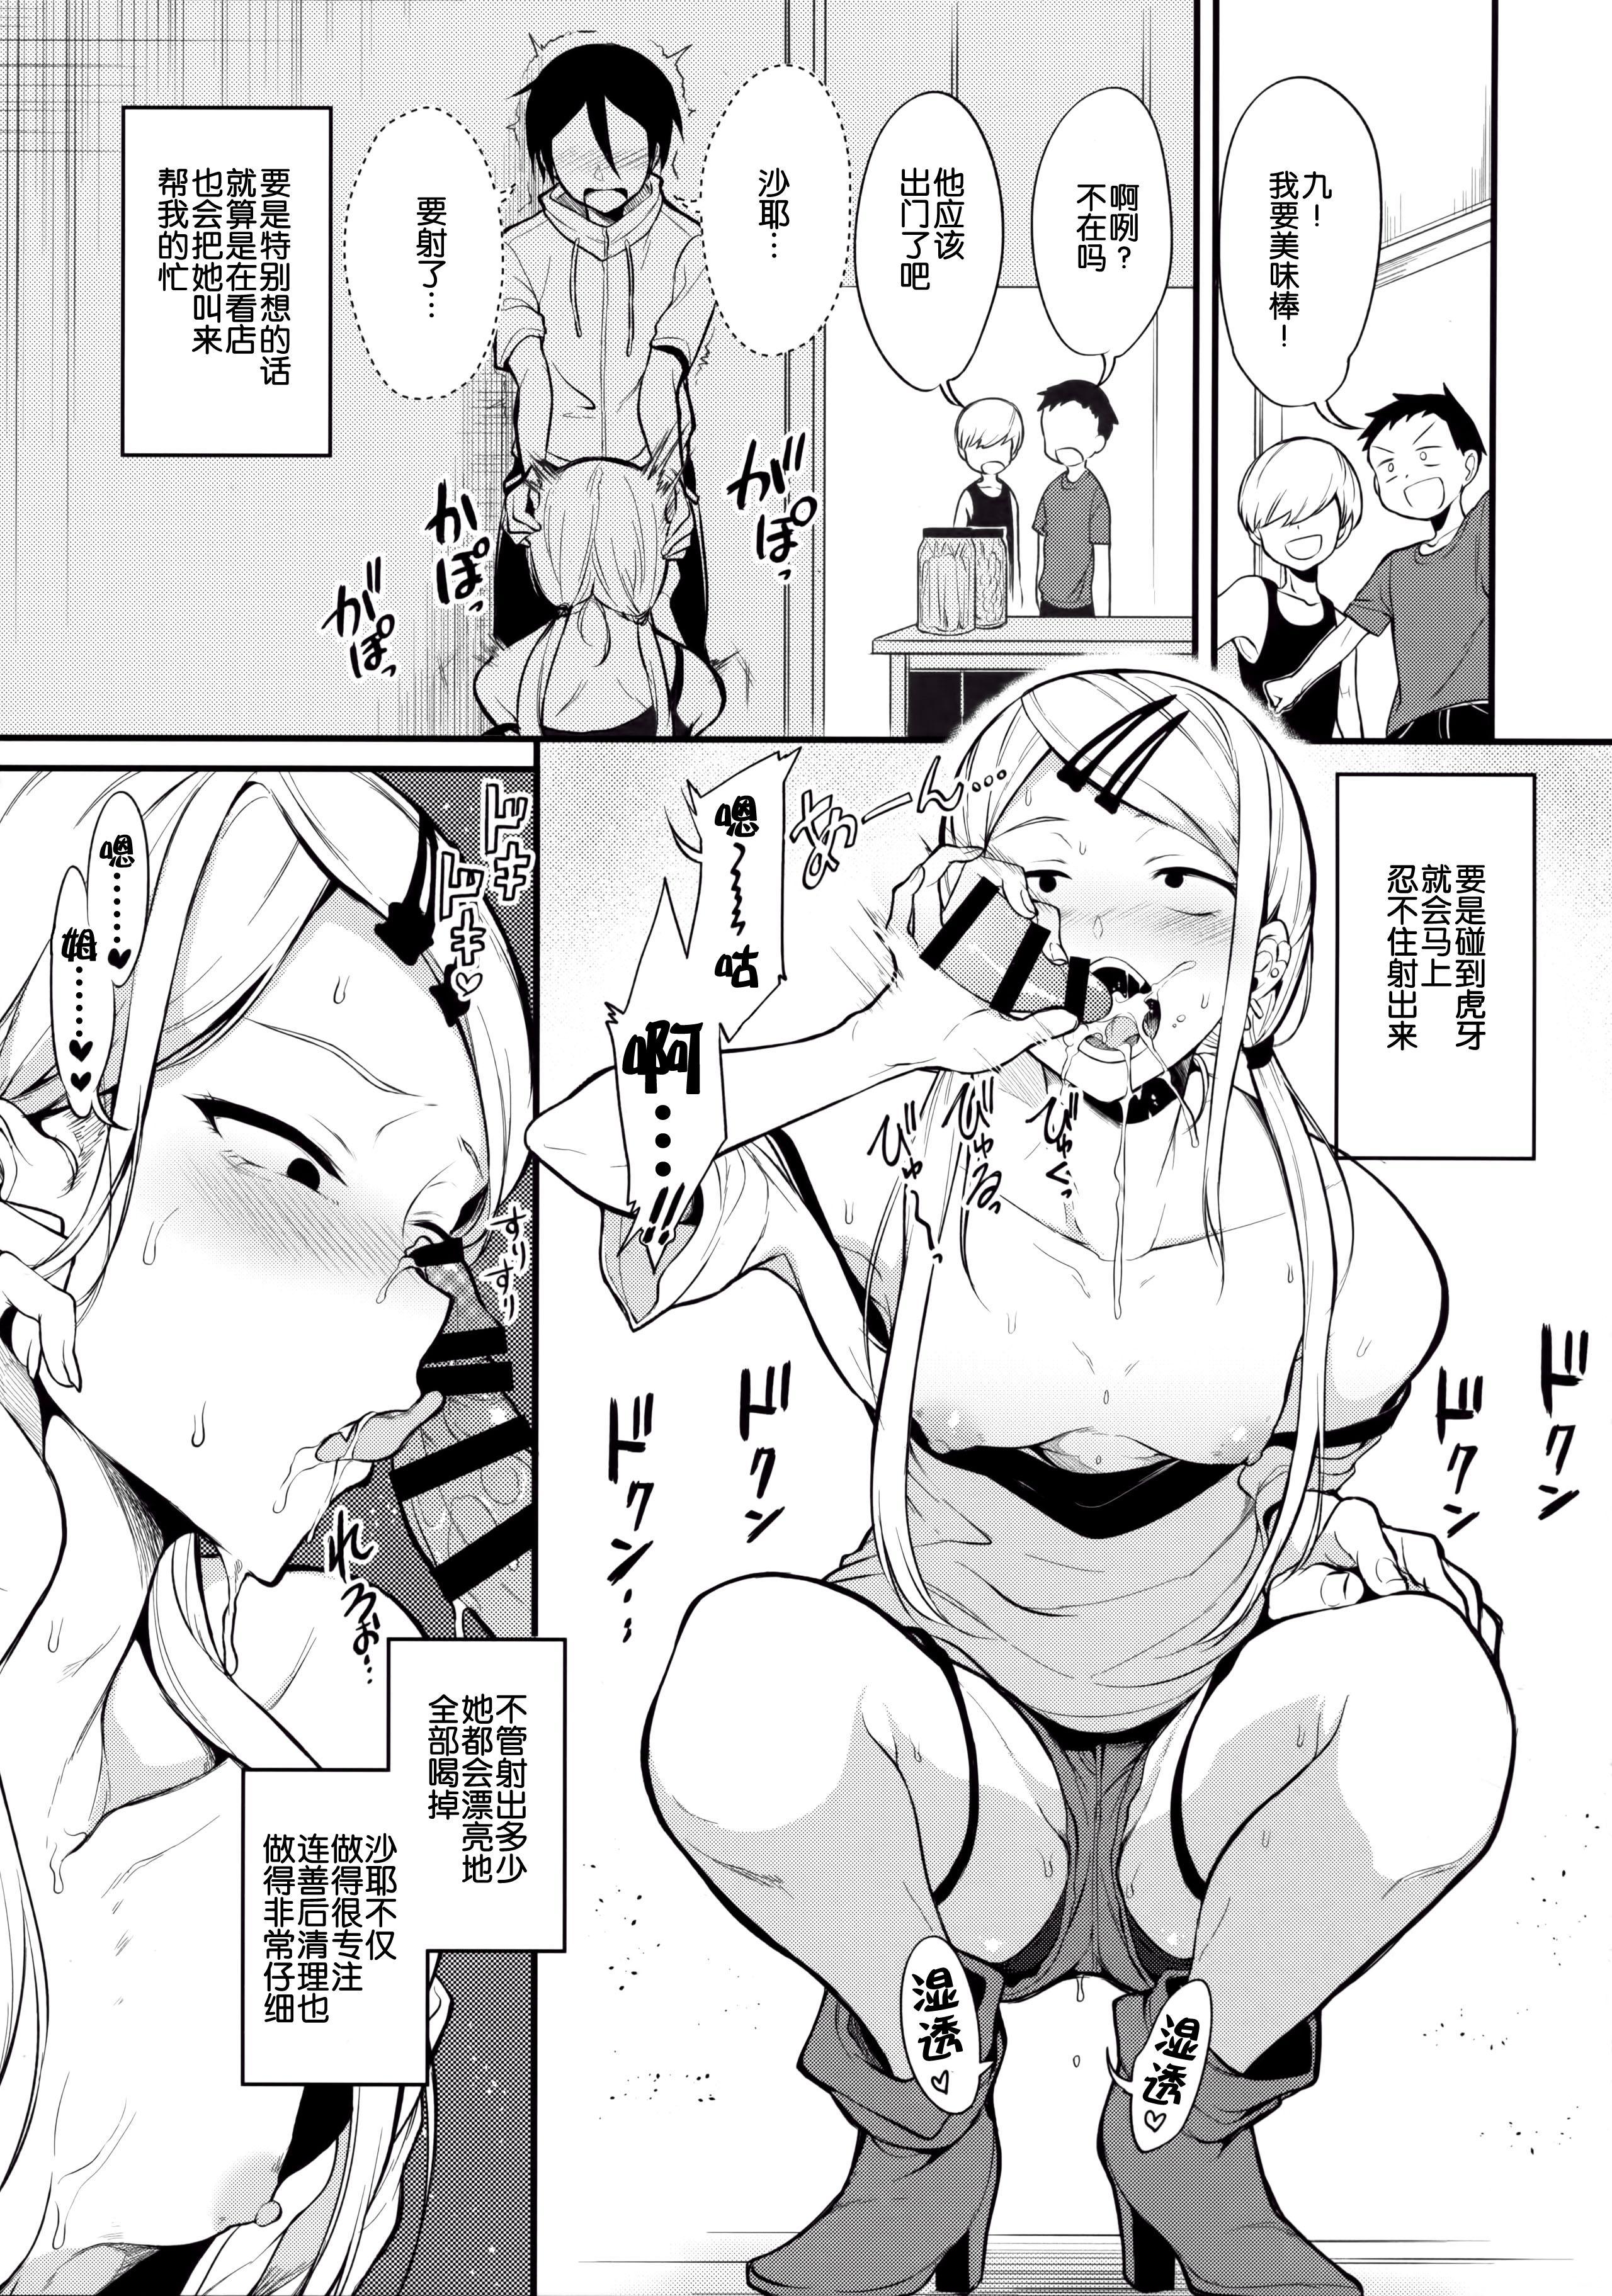 Otona no Dagashi 4 10